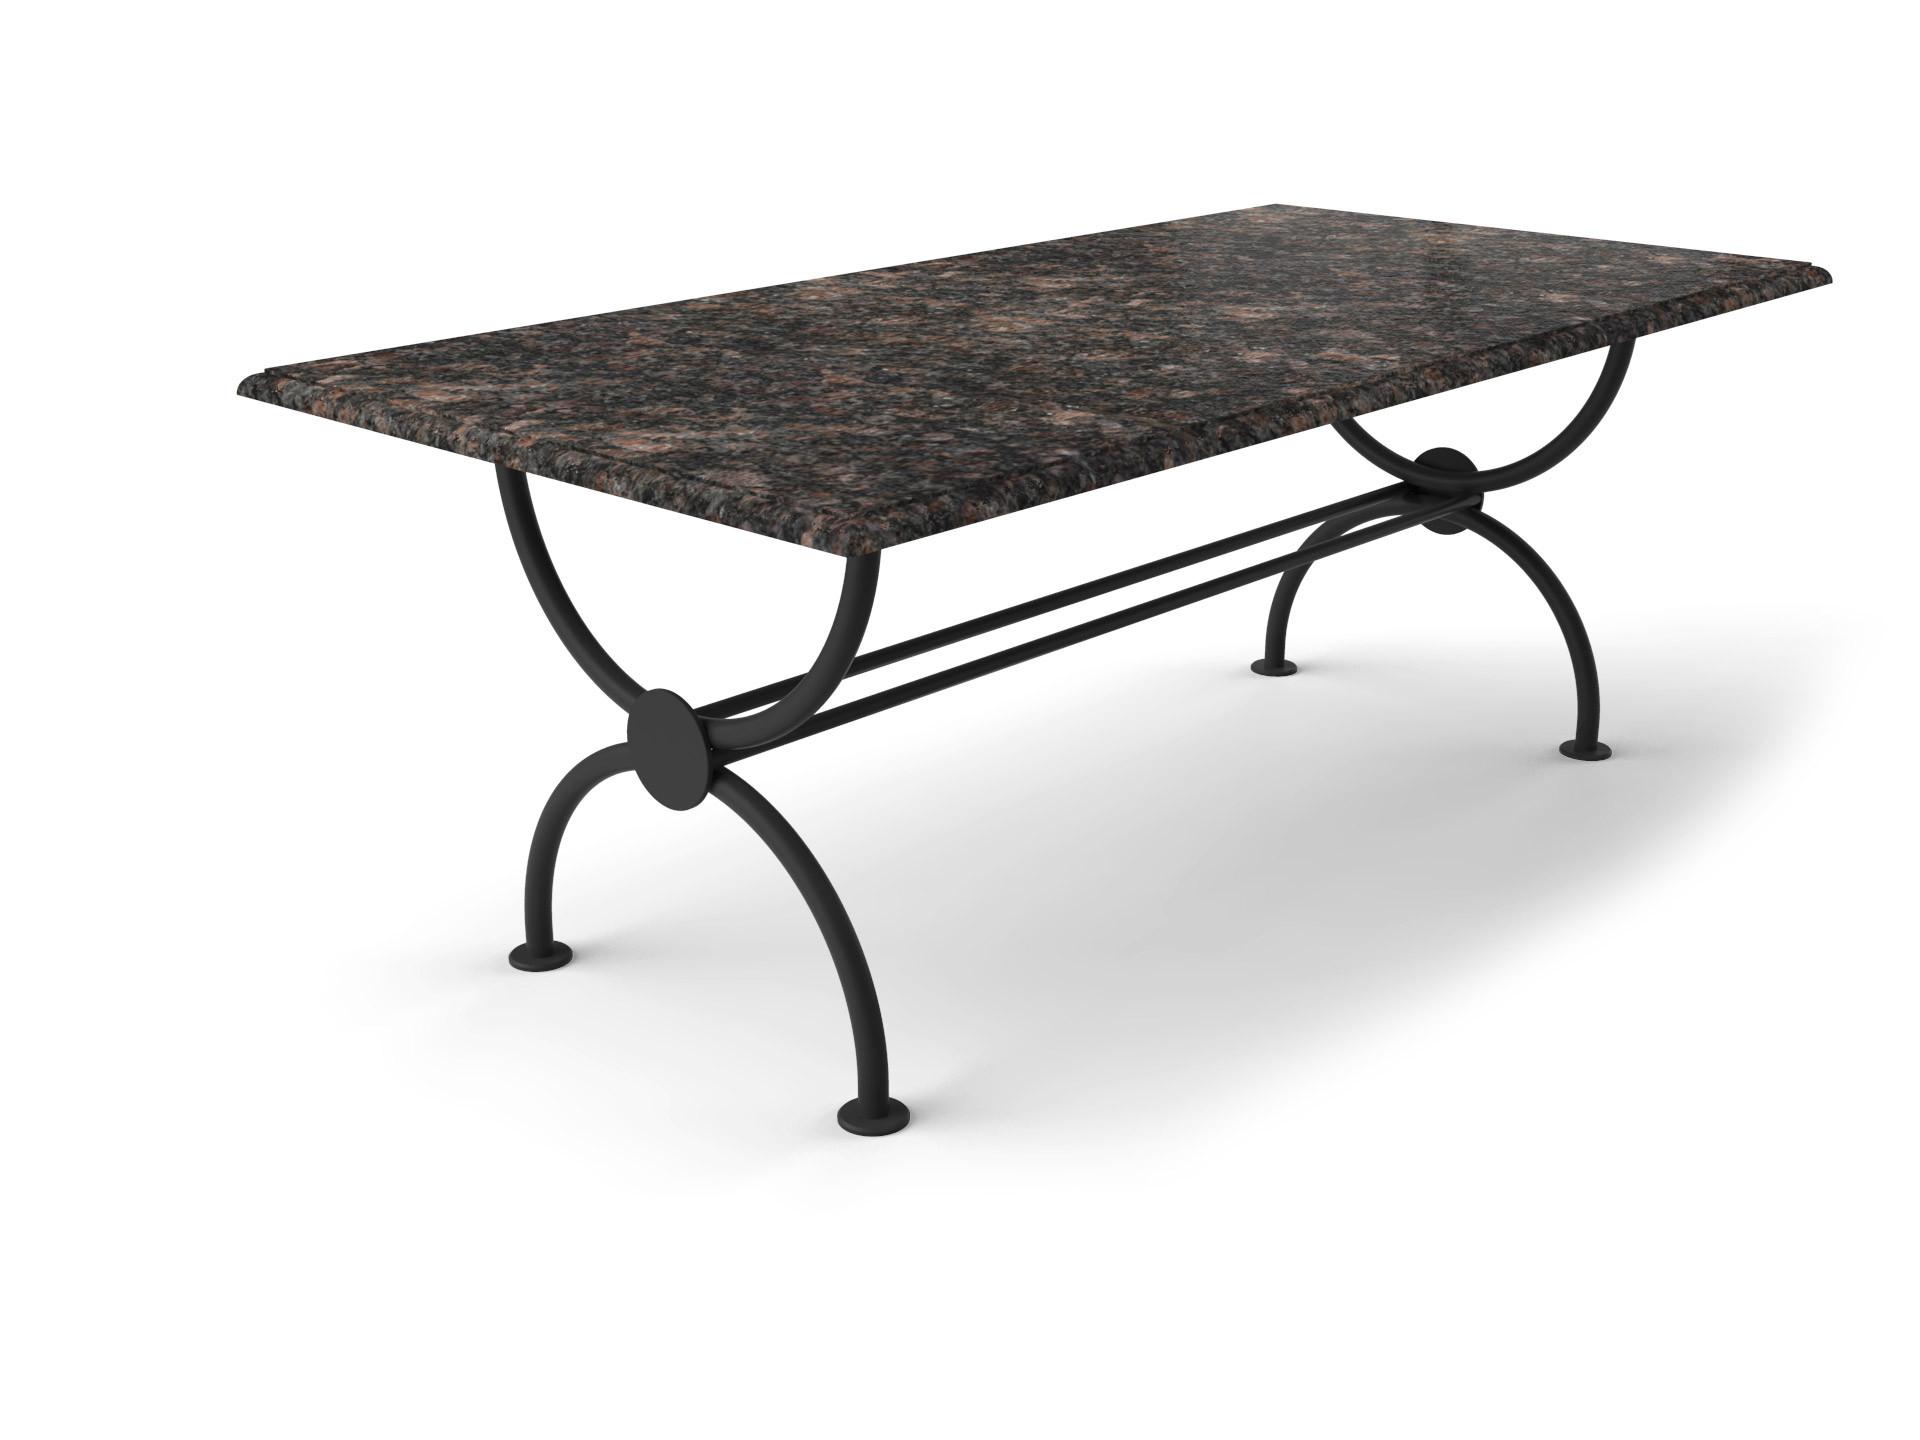 Granieten tuintafel met sierlijk Rondo tafelonderstel